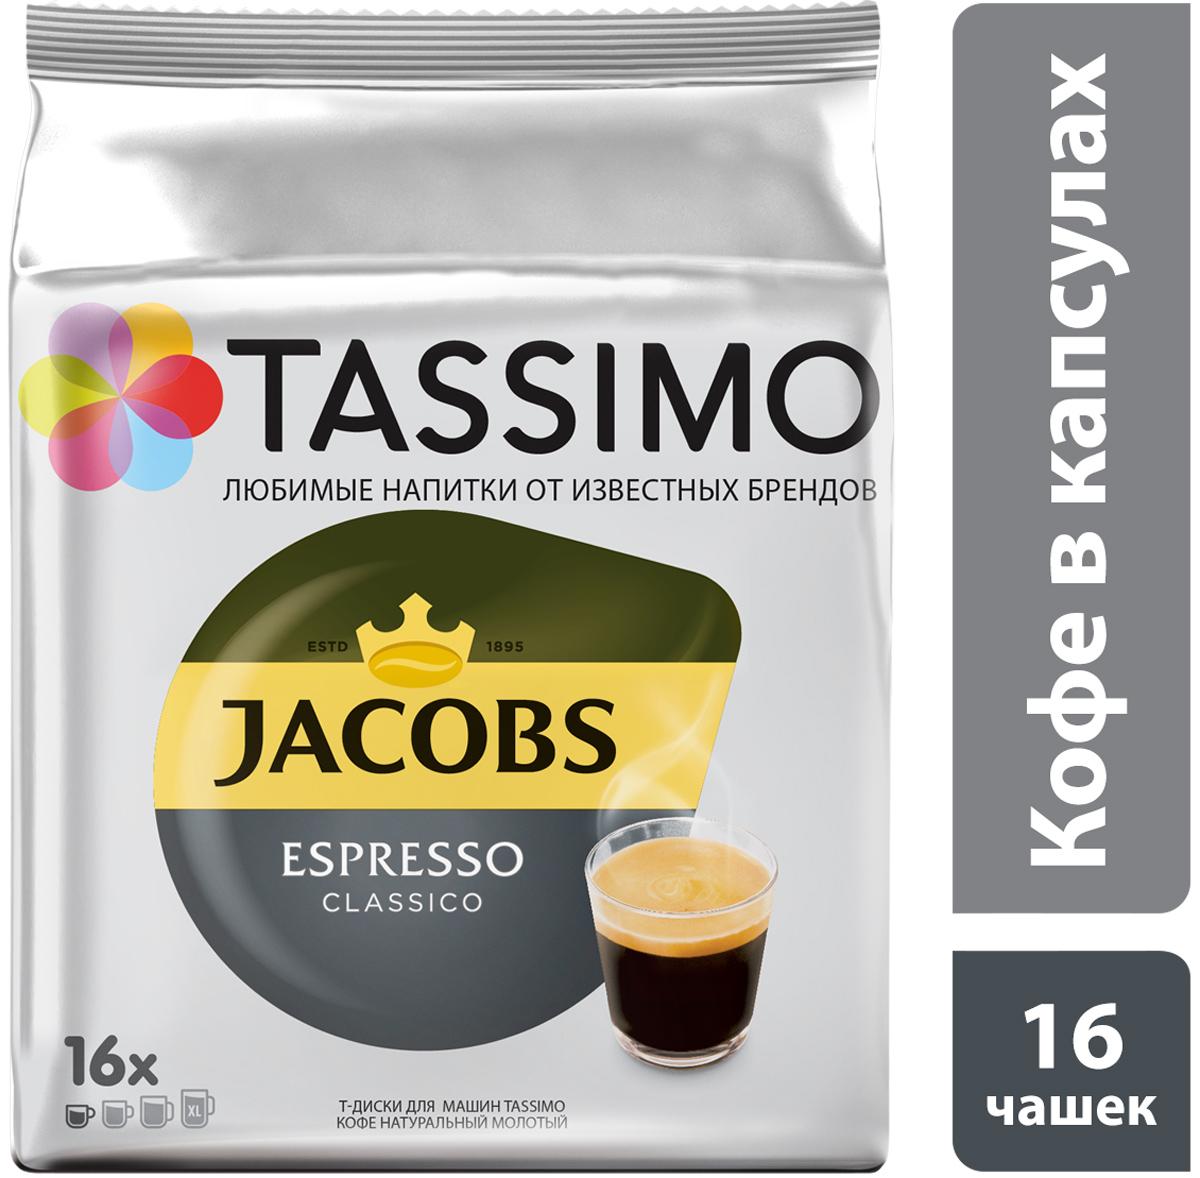 Tassimo Jacobs Espresso Classico кофе в капсулах, 16 шт tassimo jacobs espresso classico кофе в капсулах 16 шт